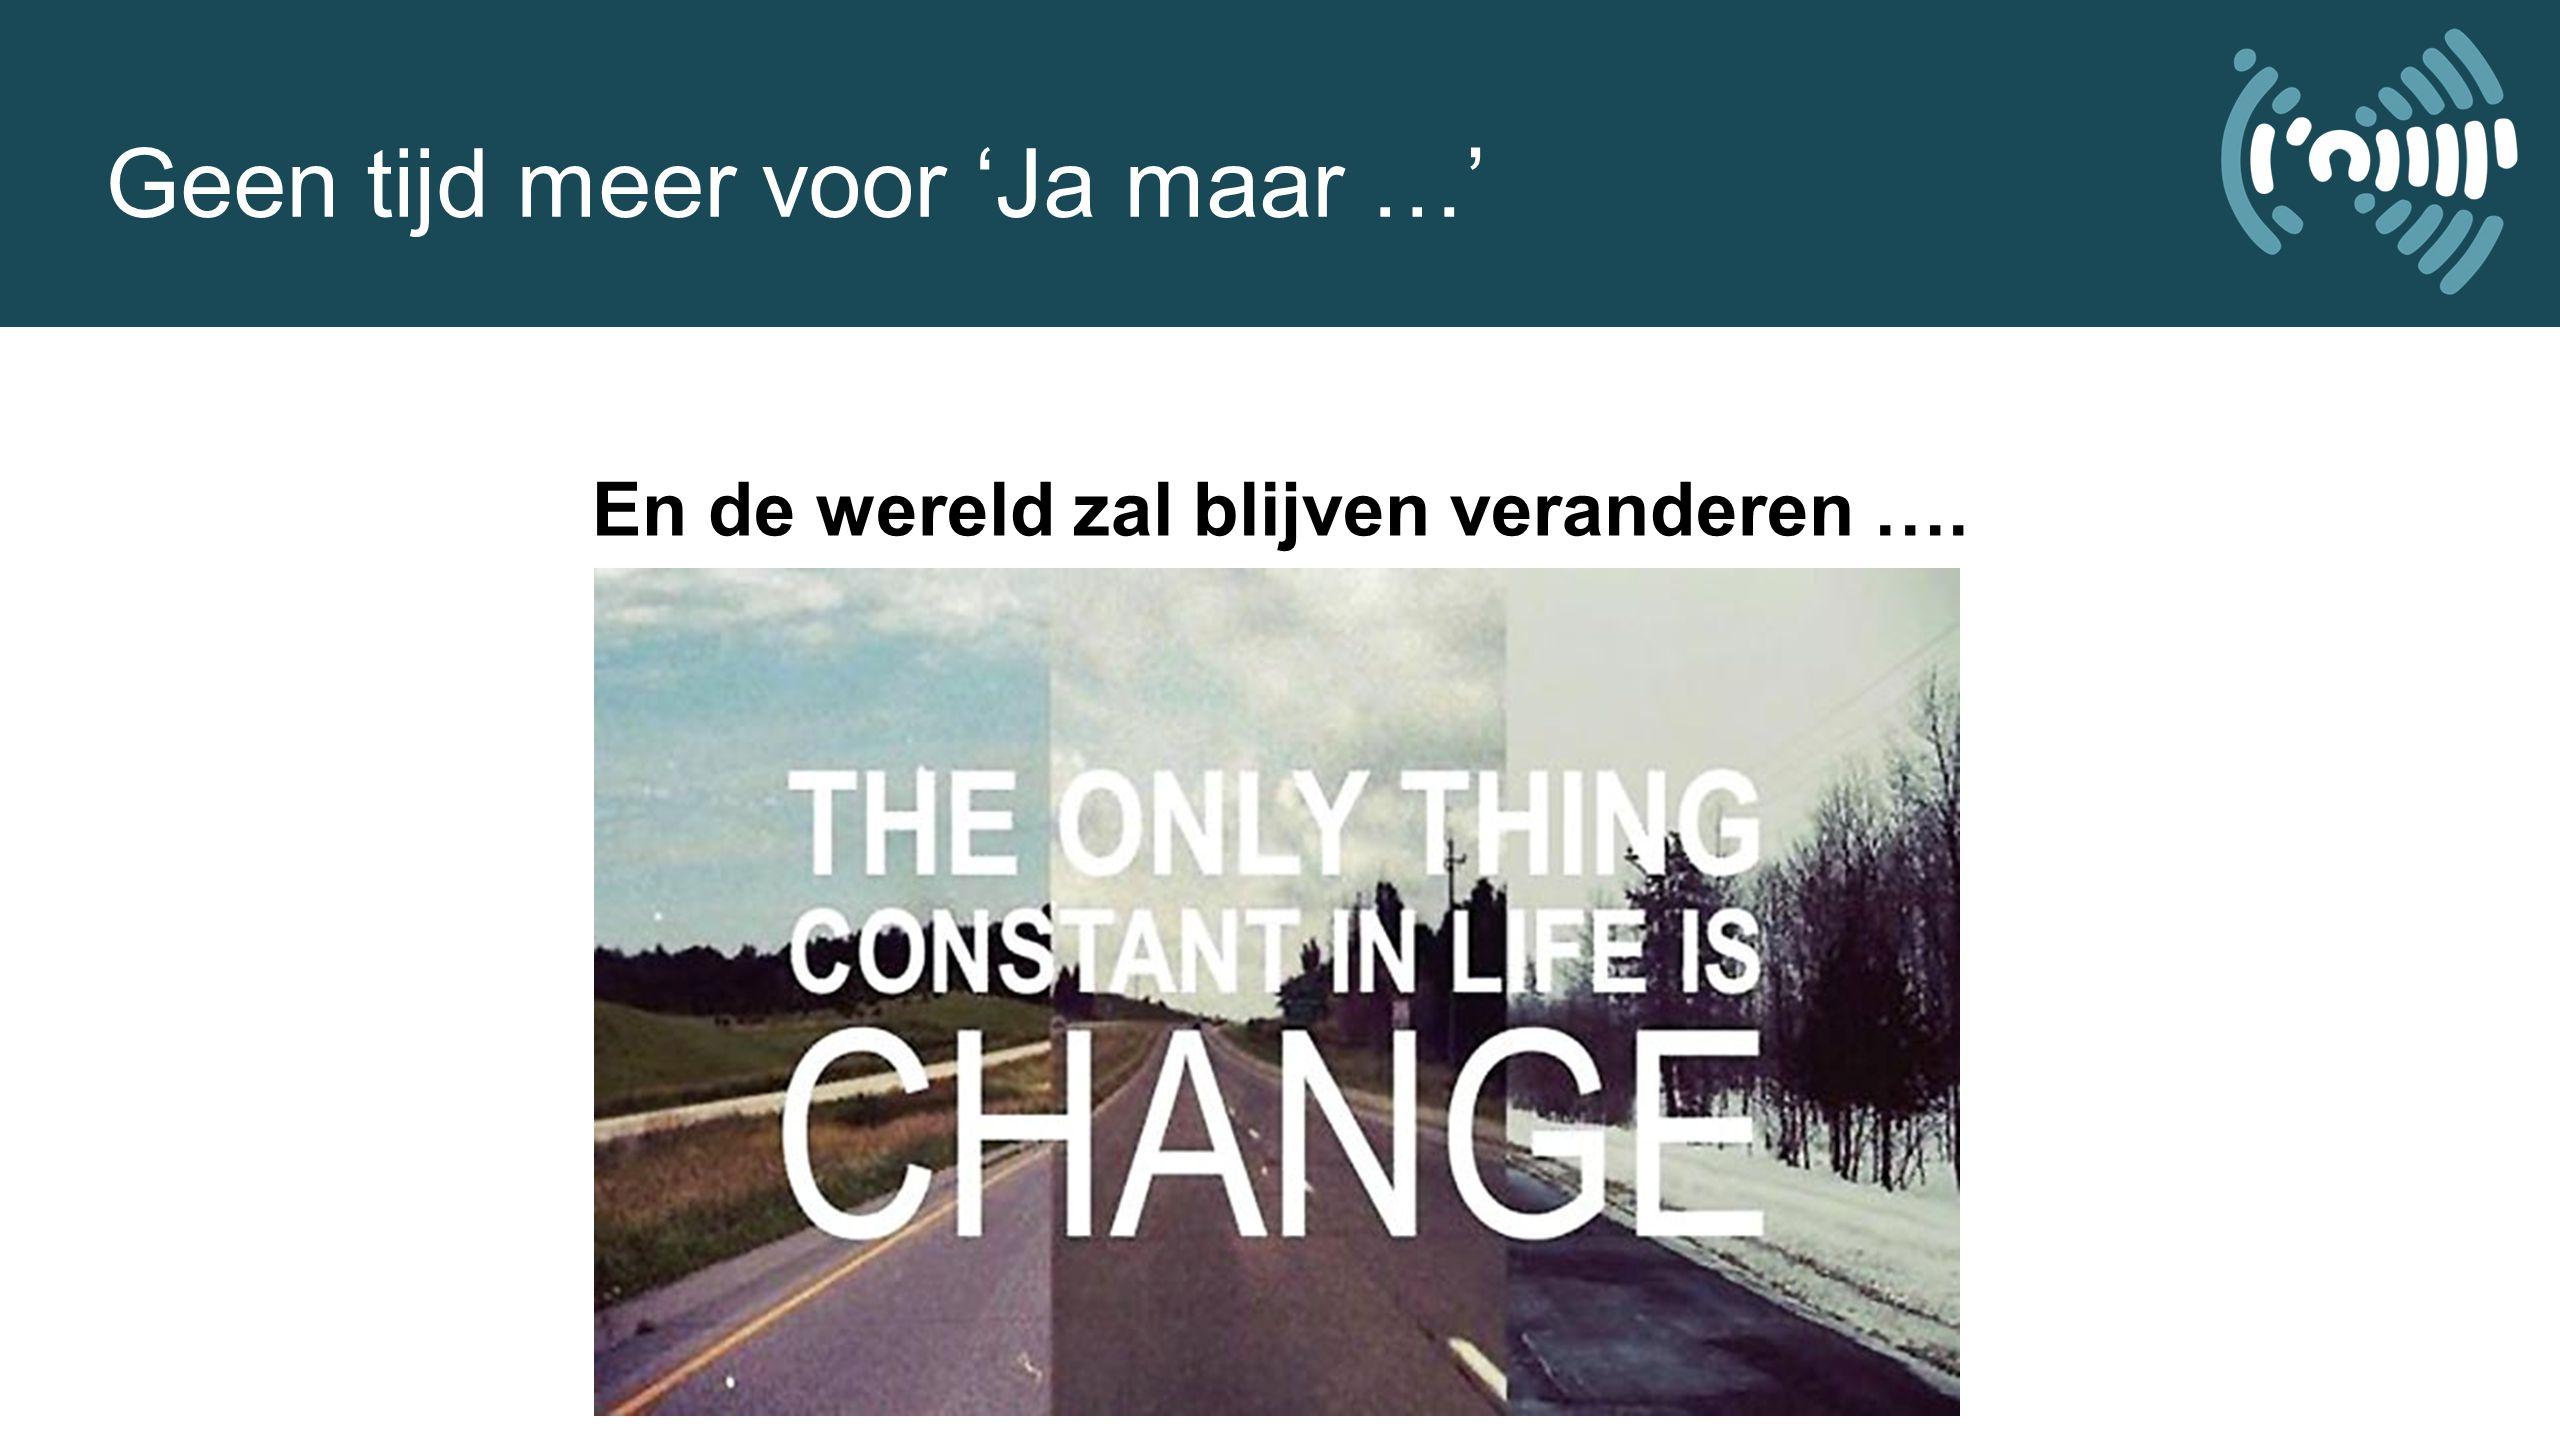 En de wereld zal blijven veranderen ….